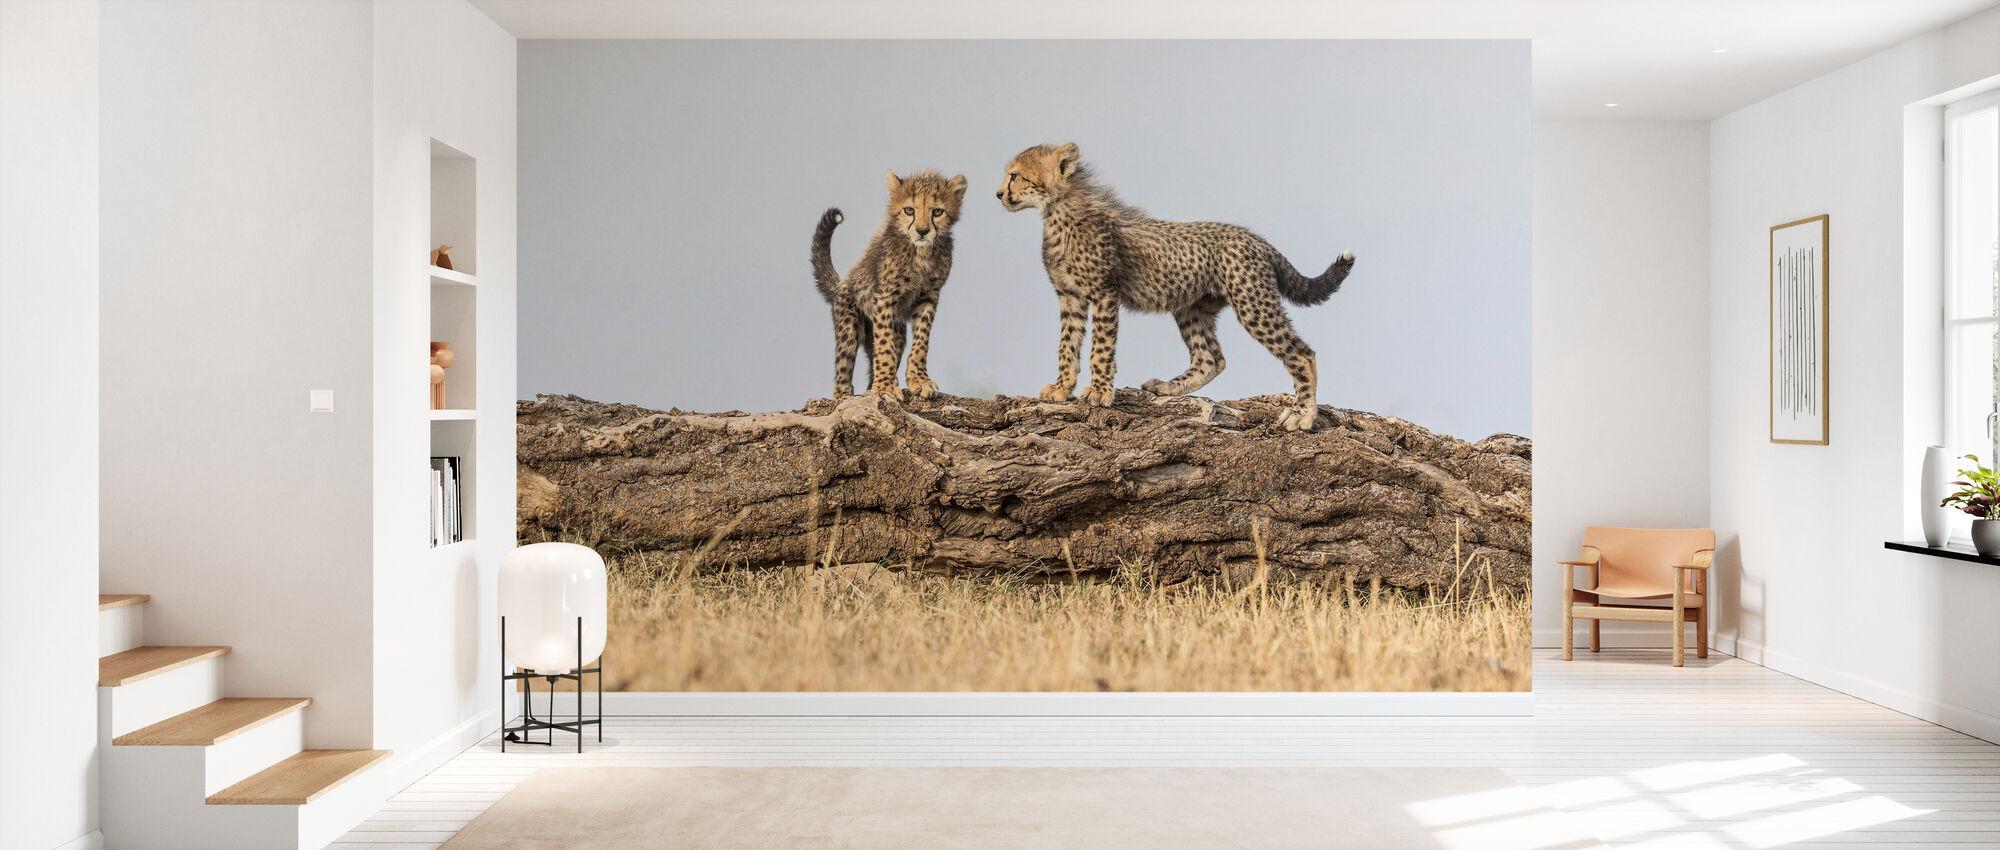 Cheetah Cubs II - Wallpaper - Hallway